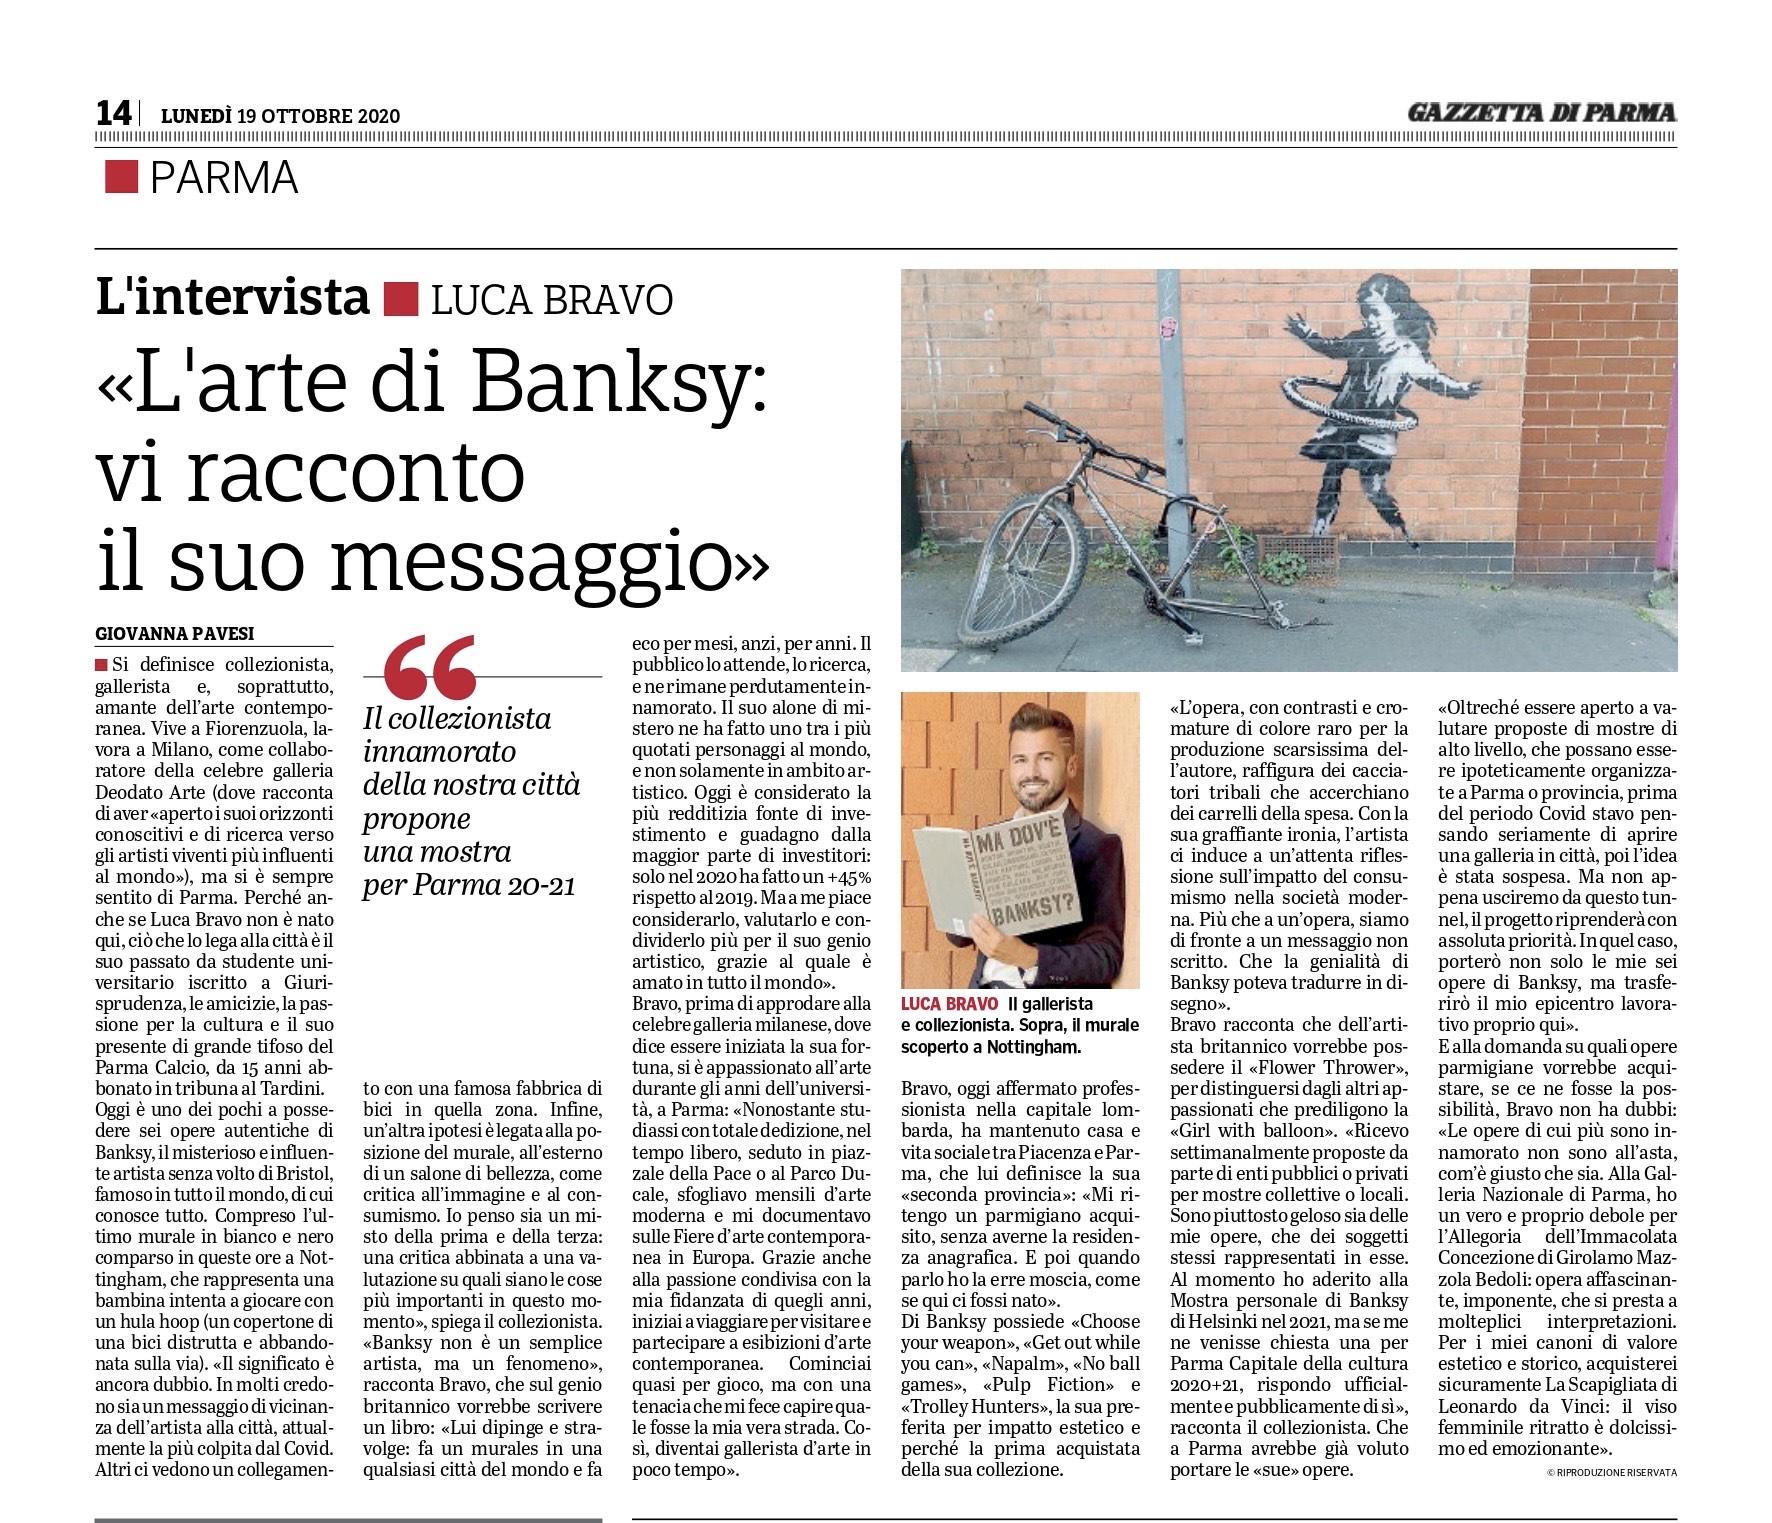 La Gazzetta di Parma - 19 ottobre